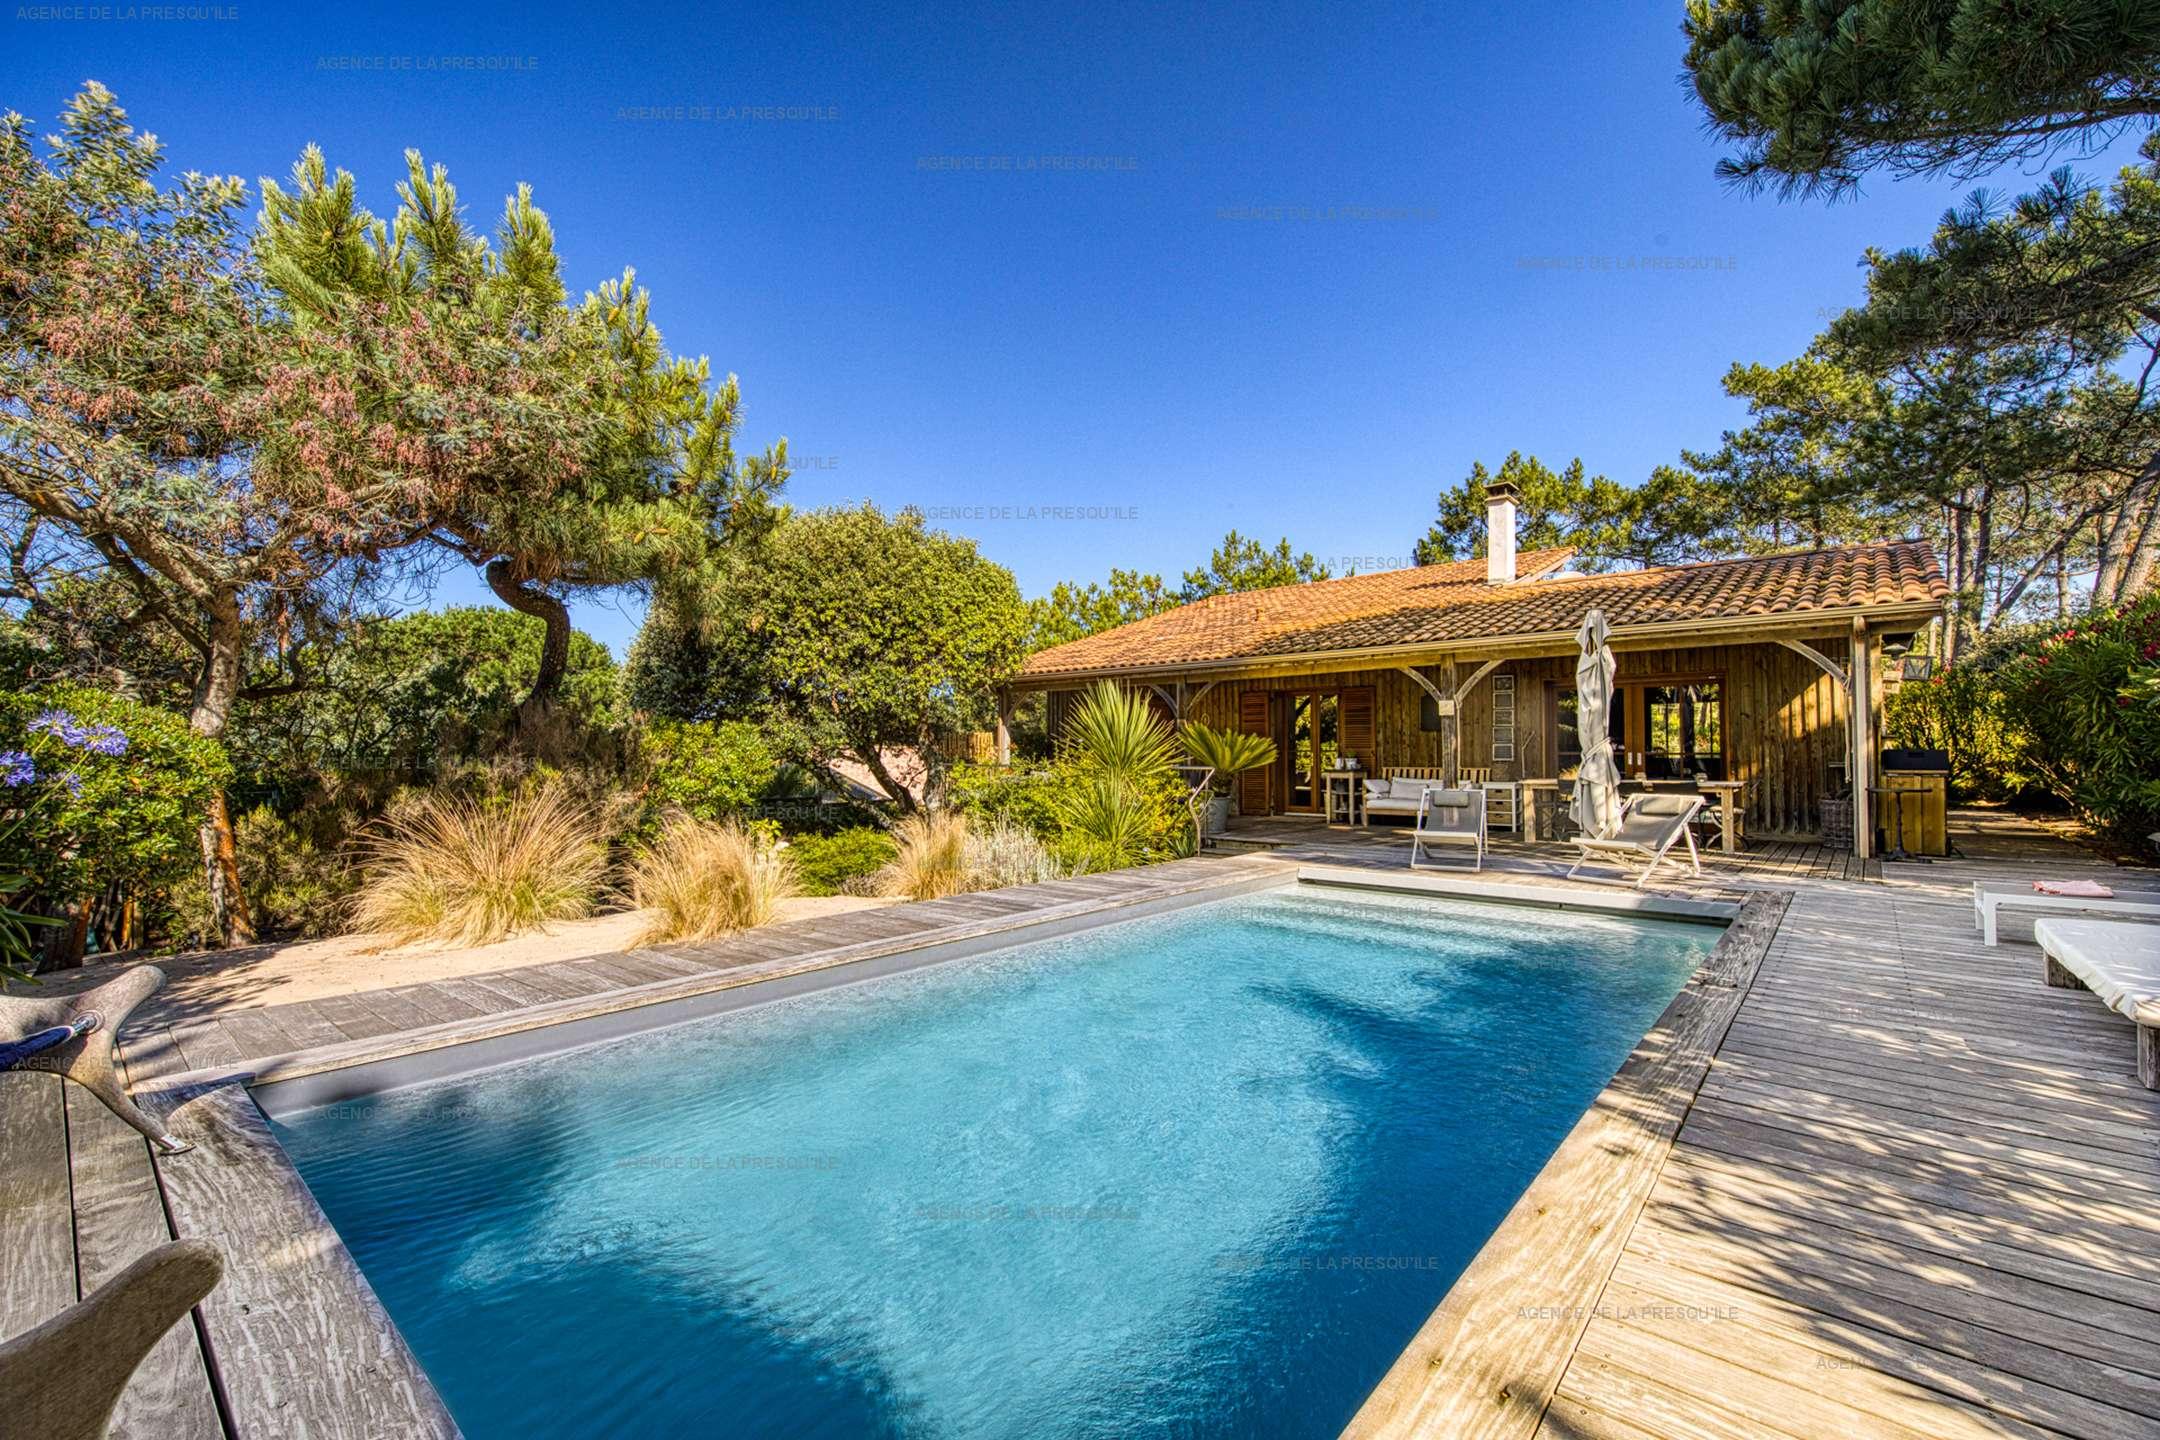 Location: Ravissante villa avec piscine entre le bassin et l'océan 2